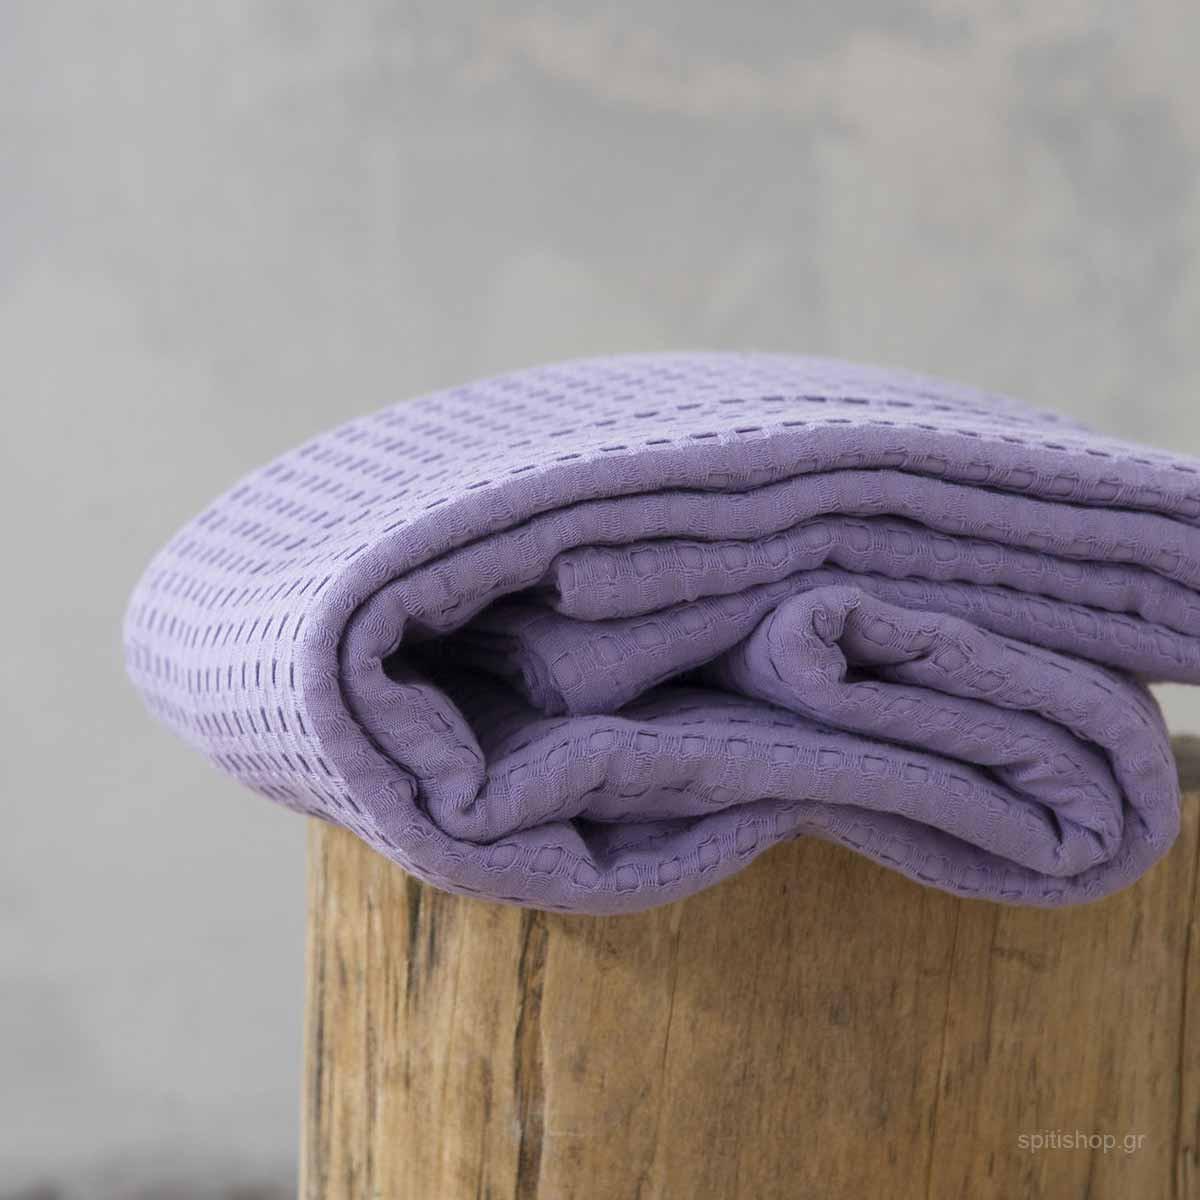 Κουβέρτα Πικέ Υπέρδιπλη Nima Layers Habit Lilac